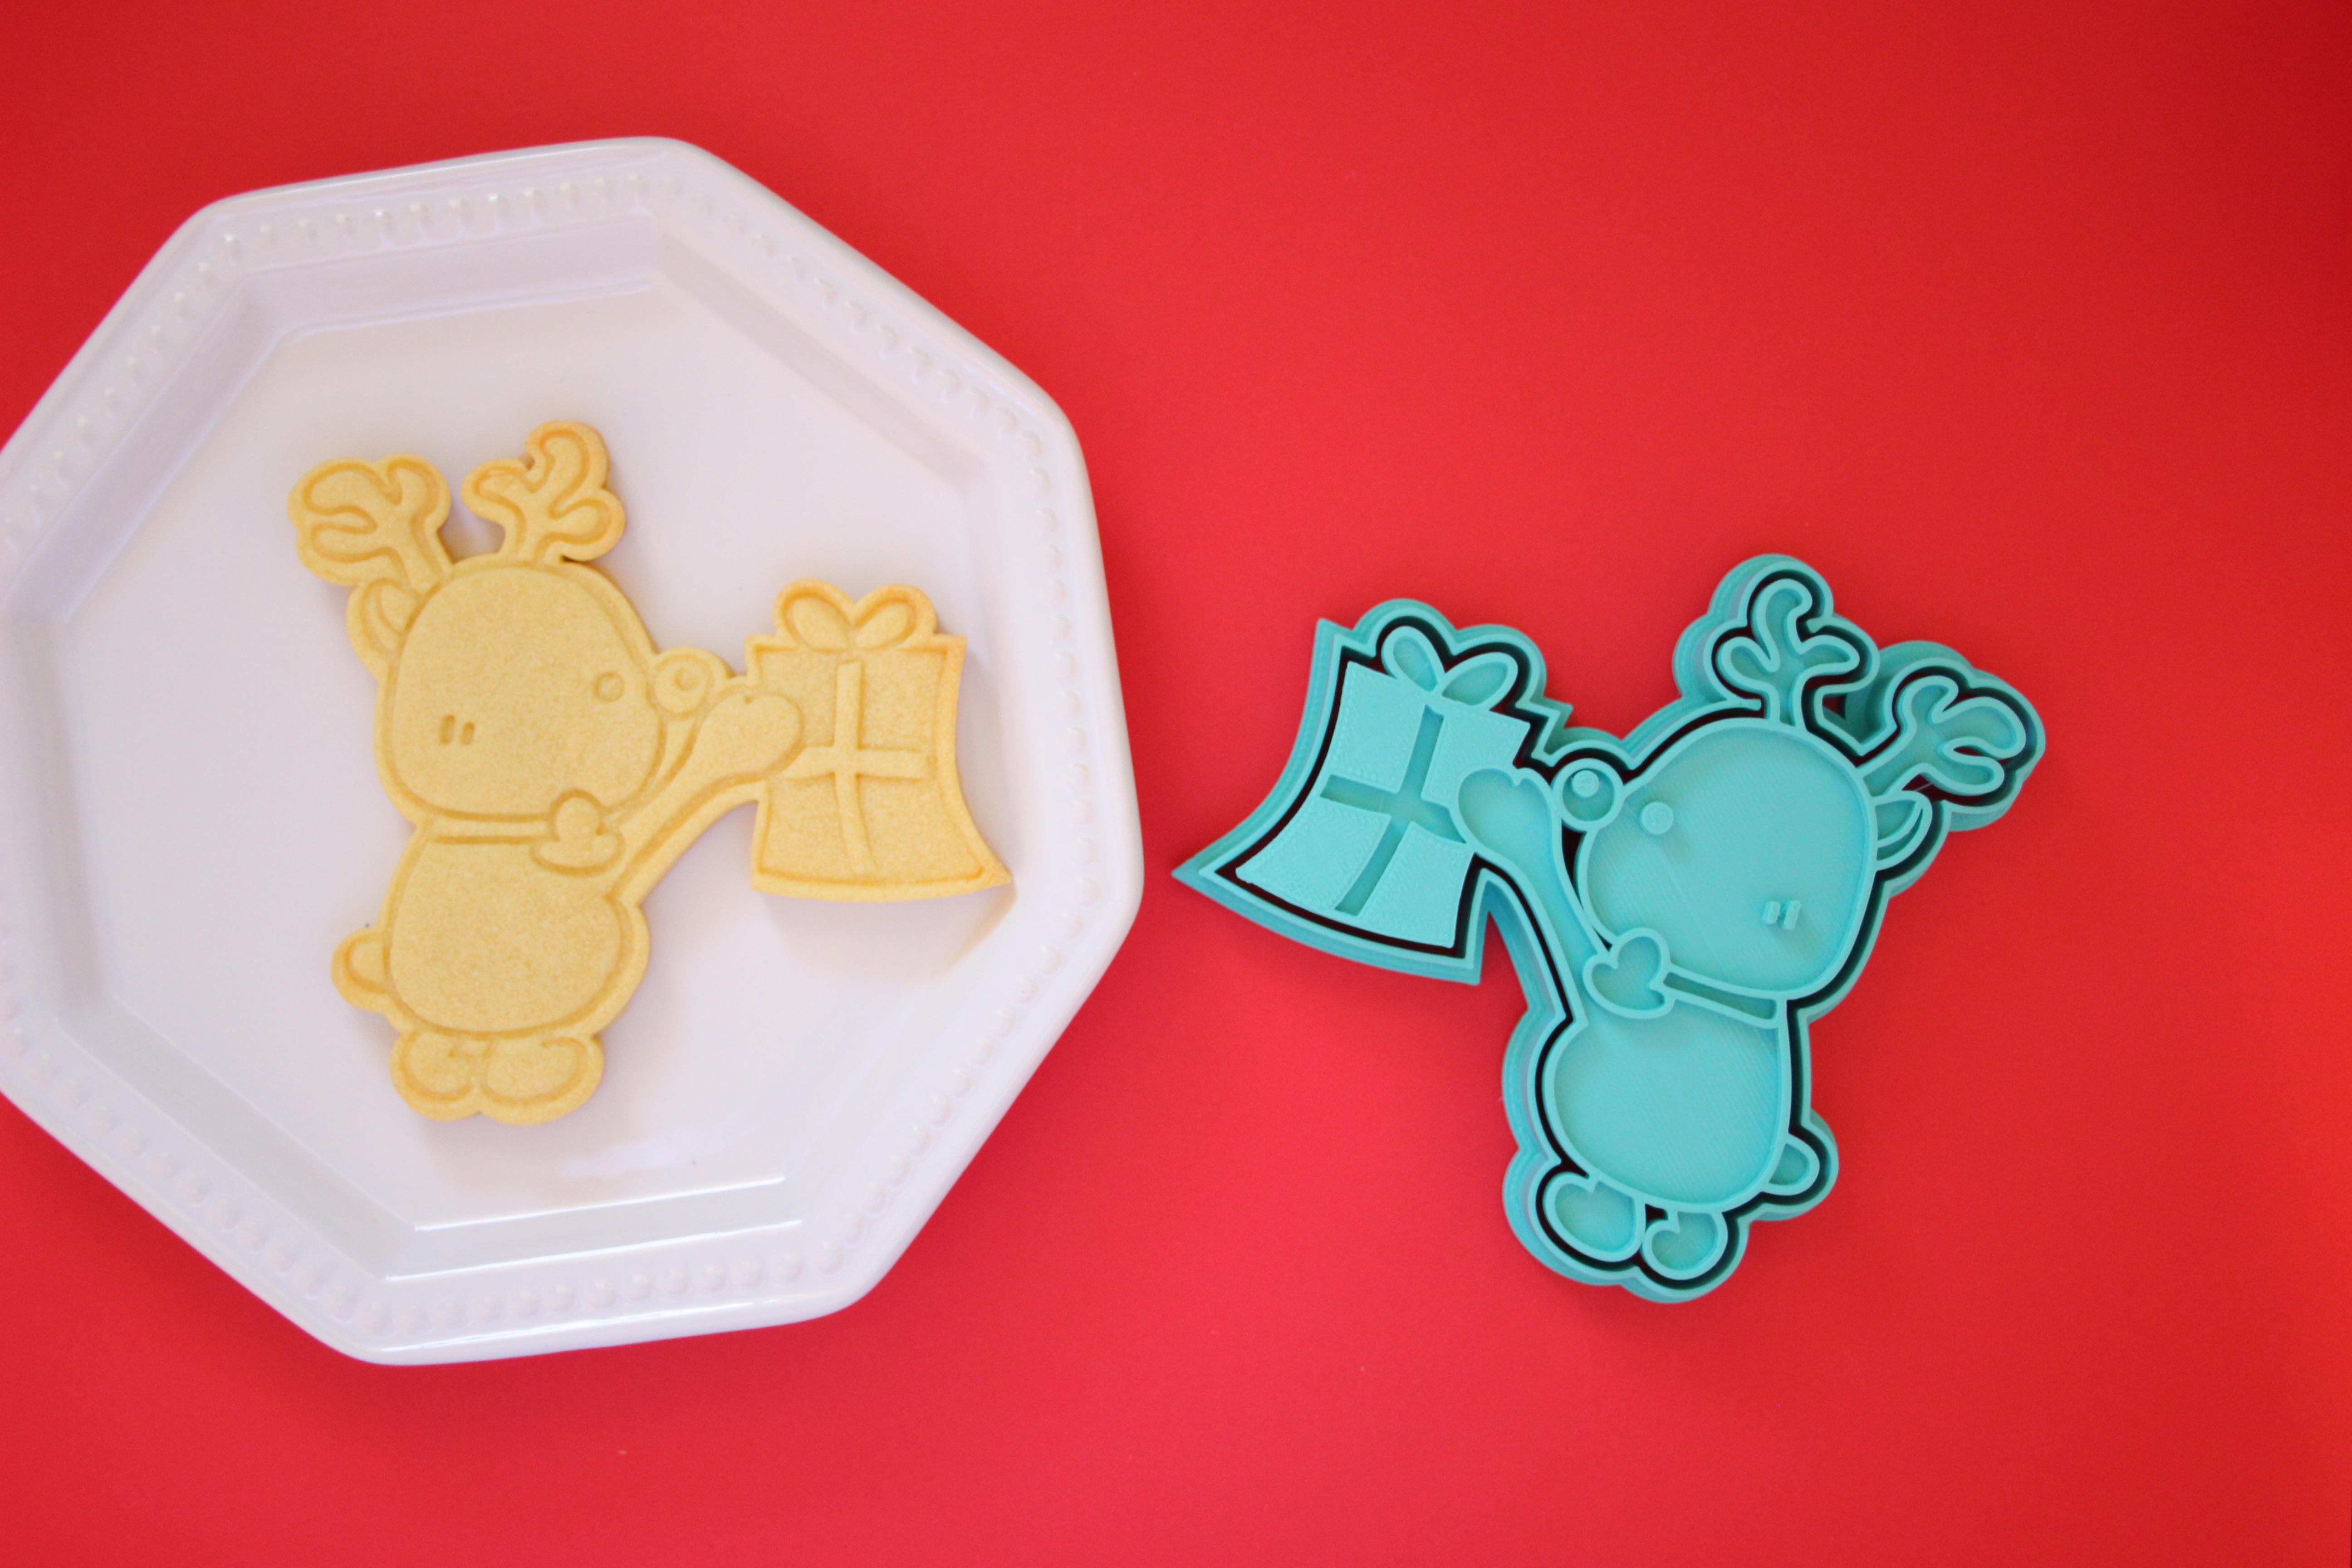 ブレイクタイムに♪ ちょこんとフチクッキーが作れるクッキー型